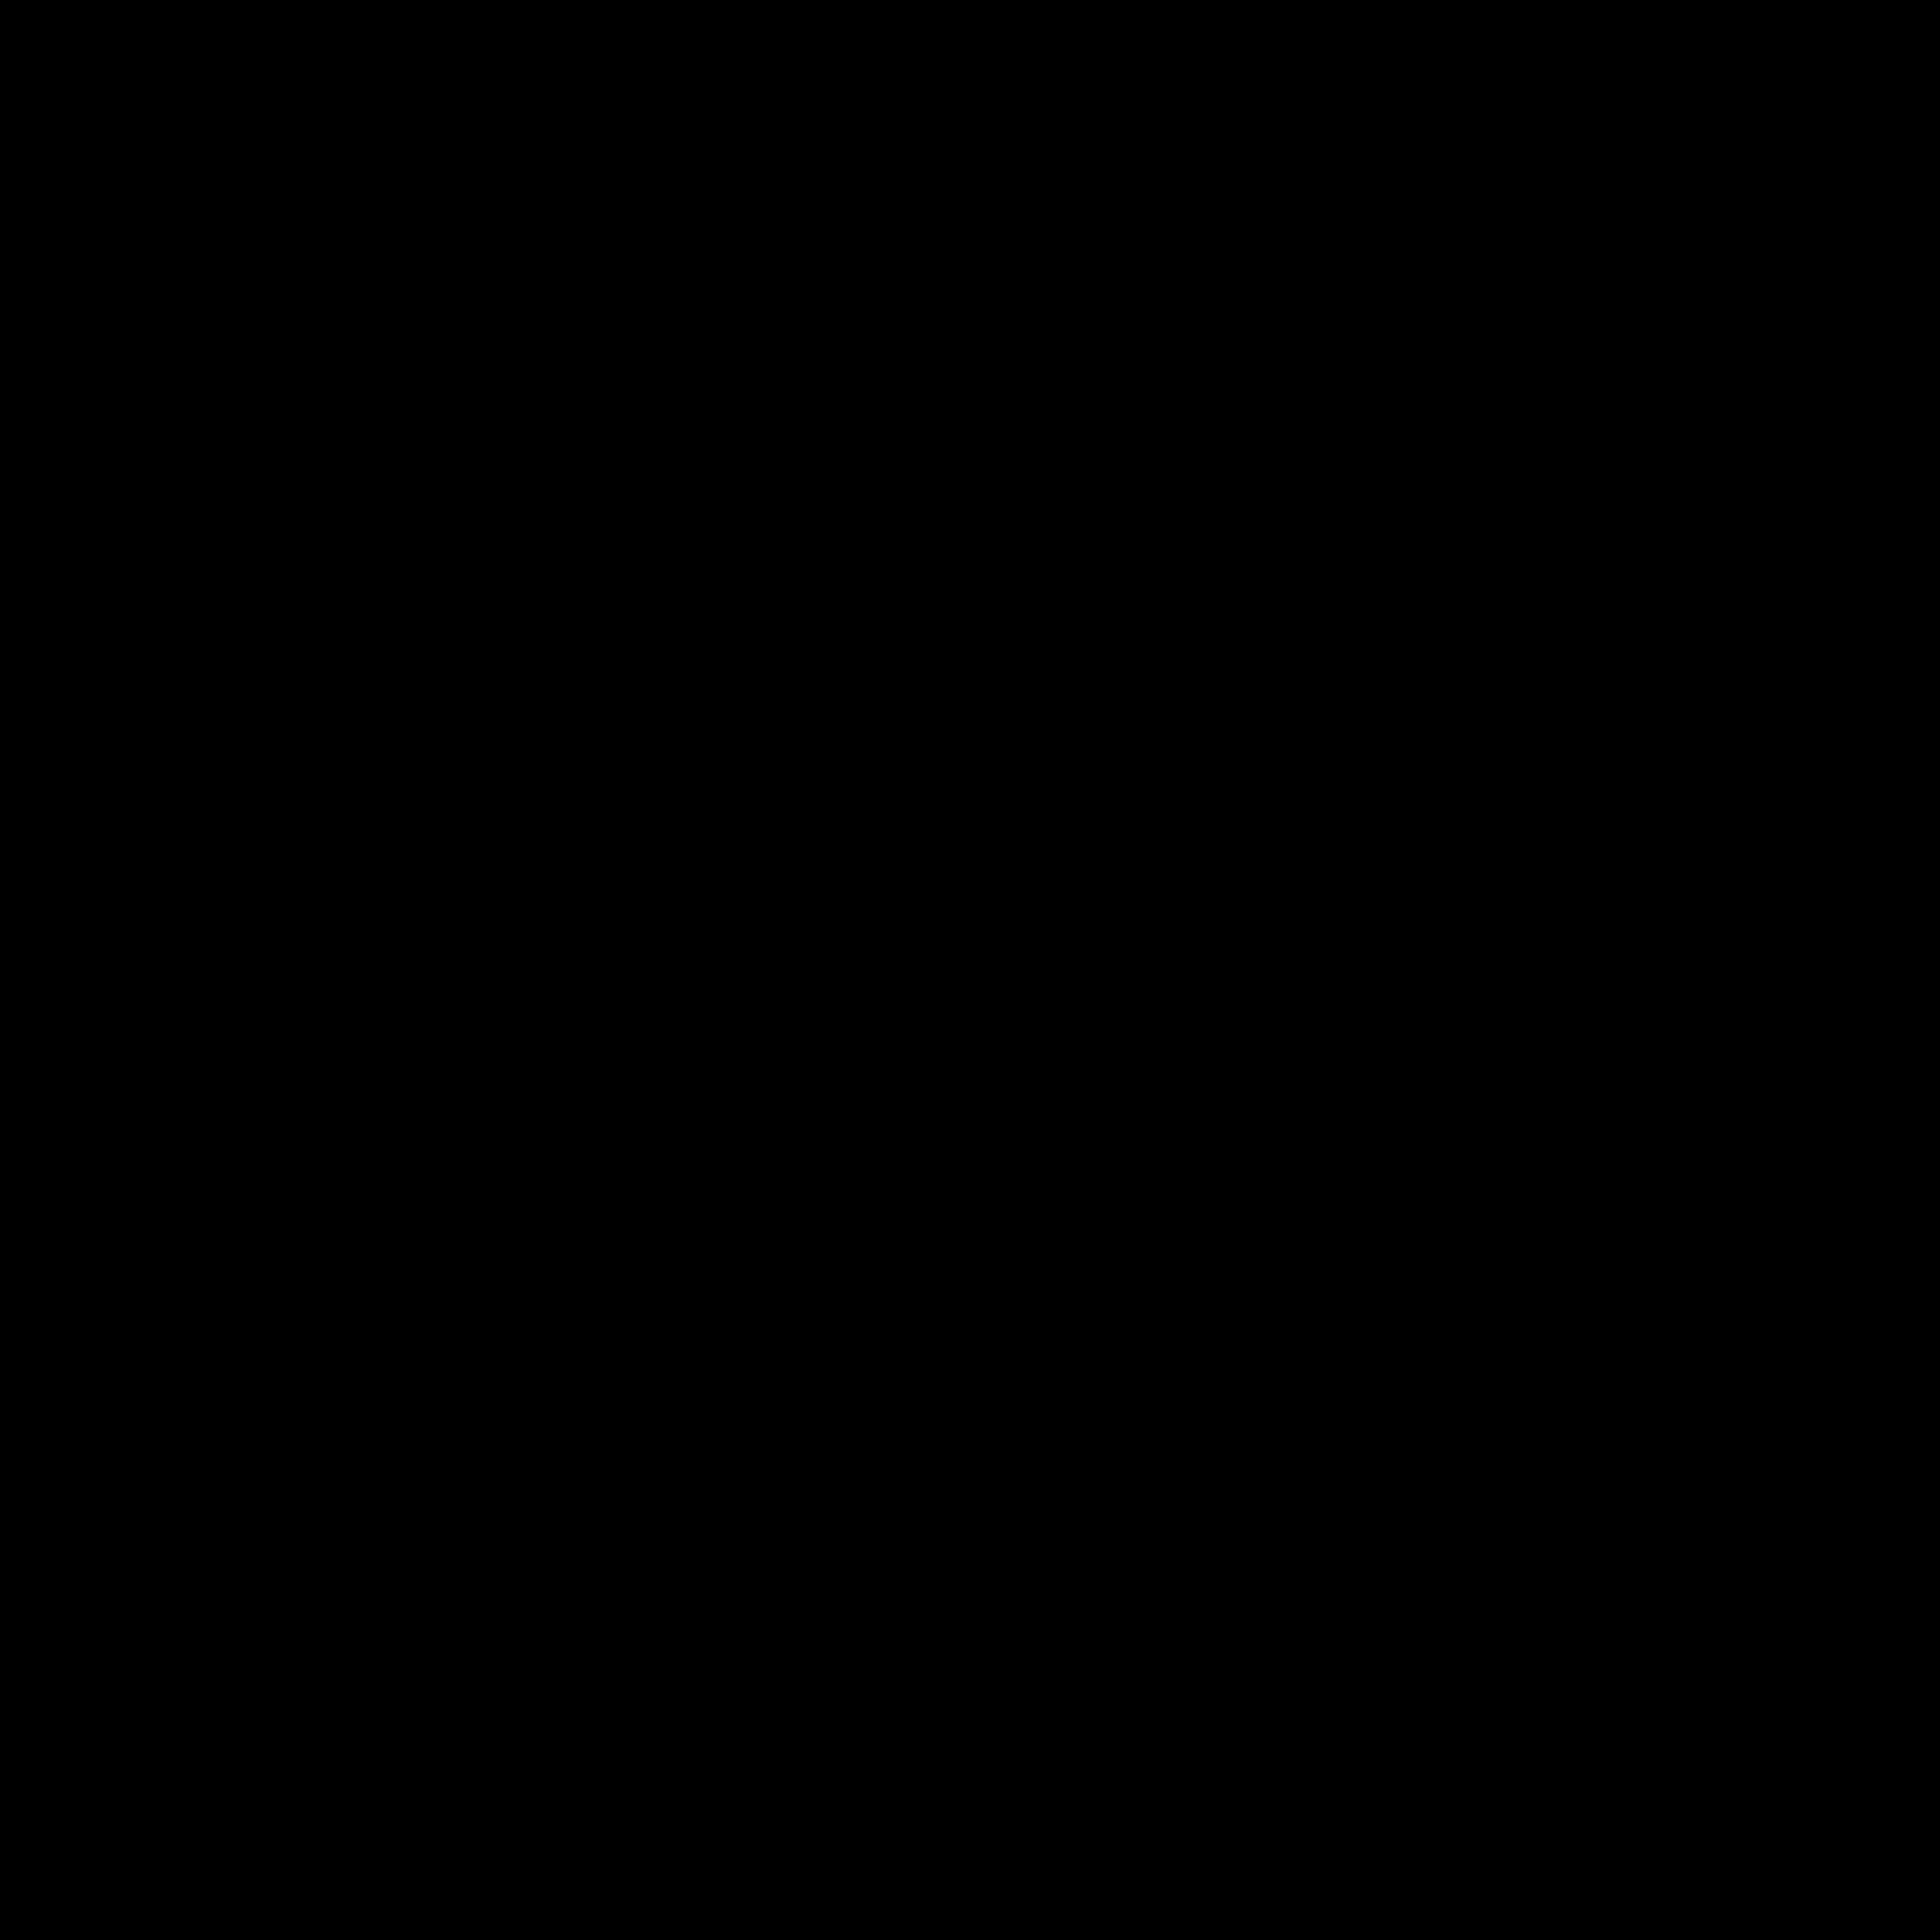 chevrolet logo png transparent svg vector freebie supply rh freebiesupply com chevrolet logo vector png chevrolet logo vector download